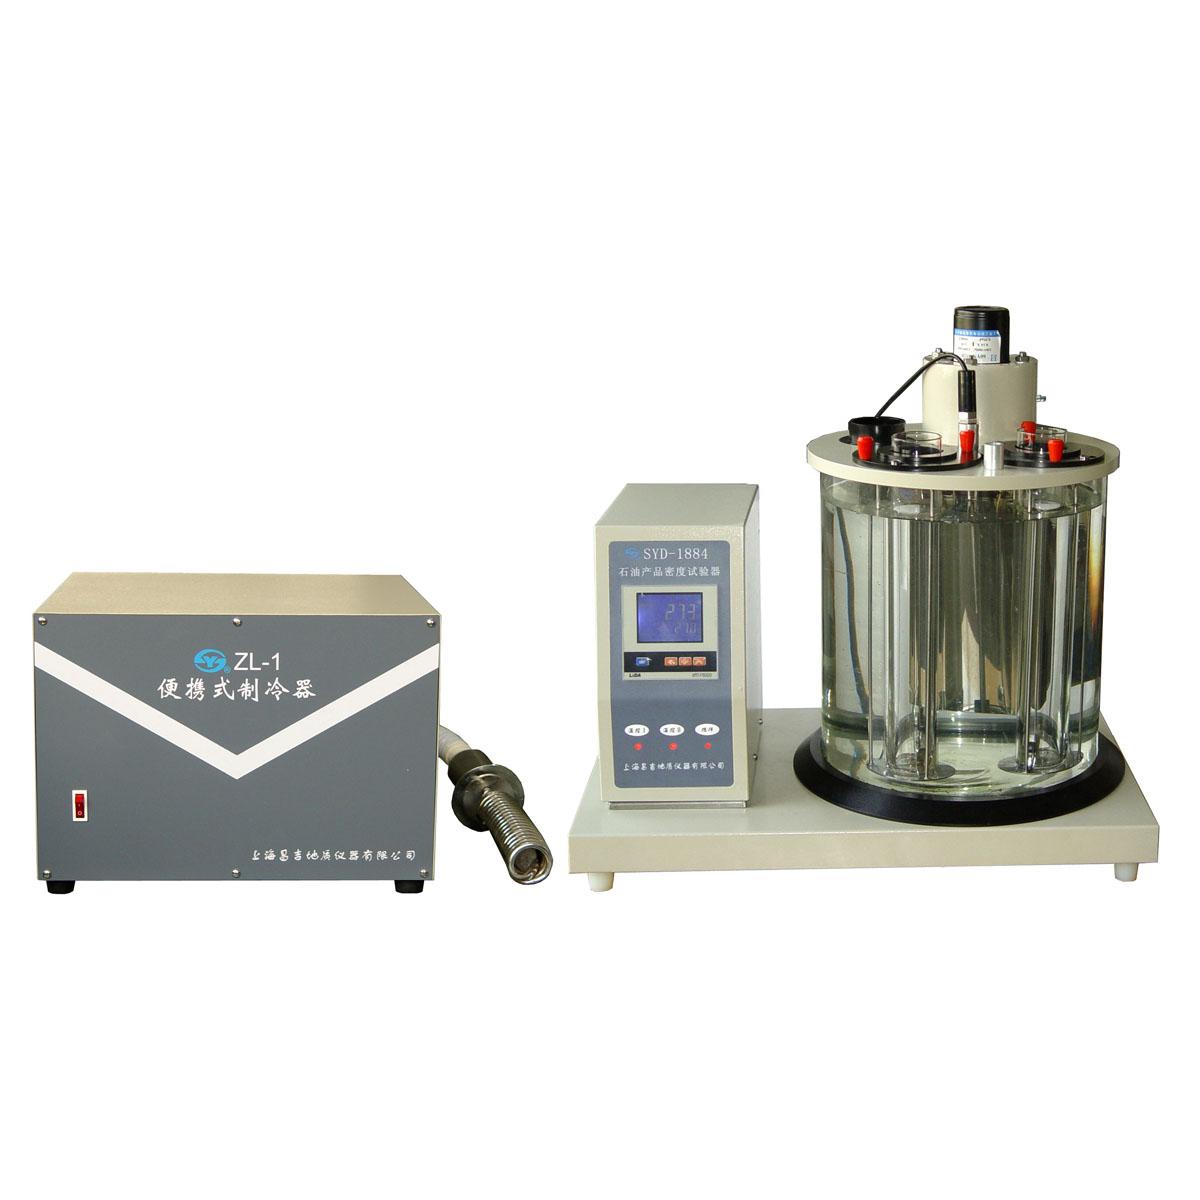 上海昌吉SYD-1884A石油产品密度试验器(带制冷)